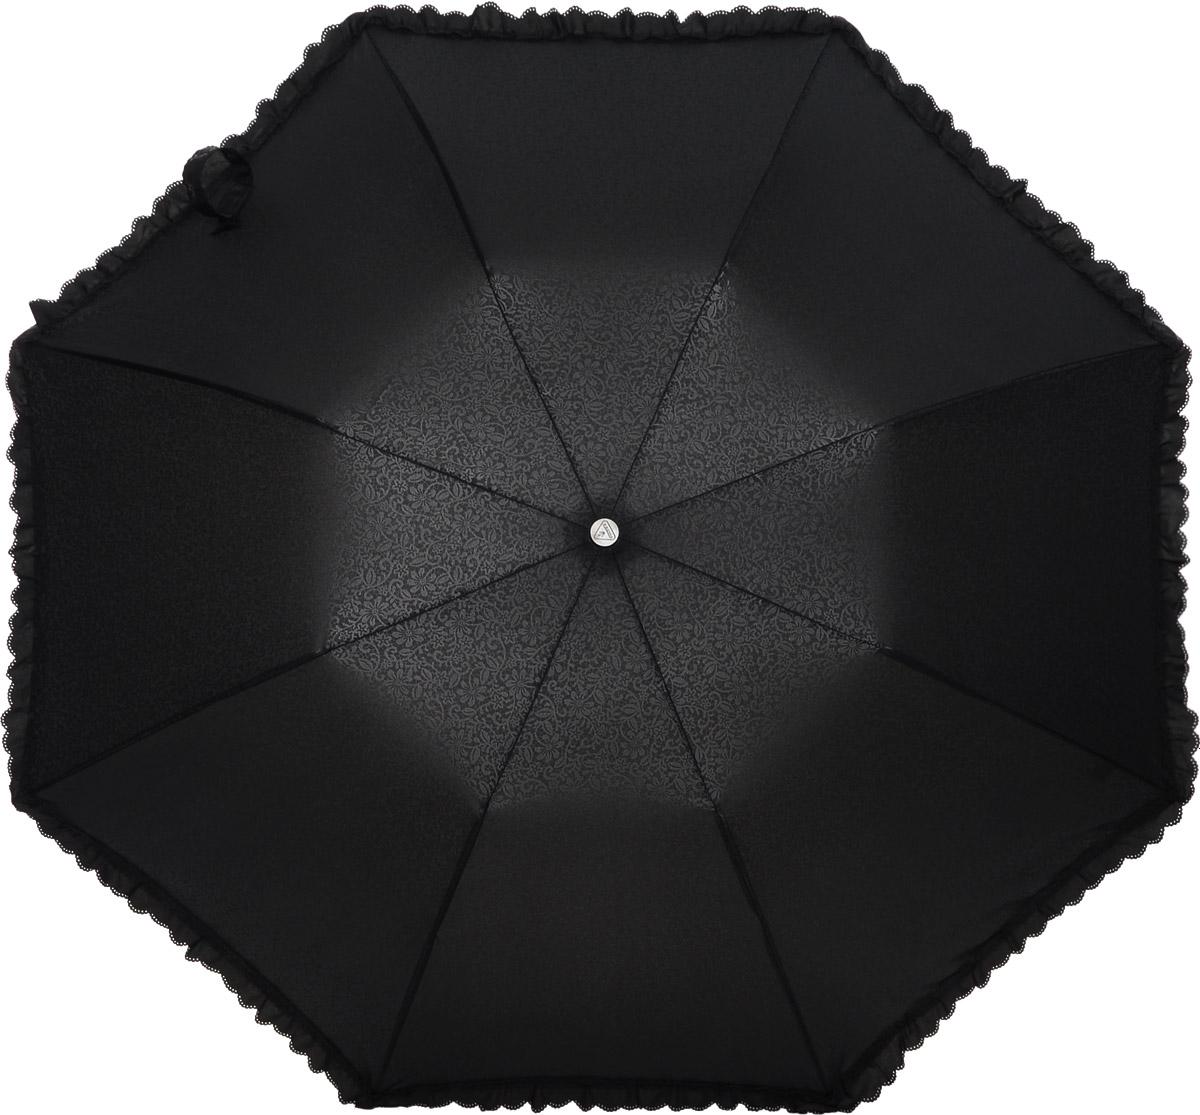 Зонт женский Fulton Contessa-2, механический, 2 сложения, цвет: черный. L731-27618L035081M/35449/2900NСтильный механический зонт Fulton Contessa-2 в 2 сложения даже в ненастную погоду позволит вам оставаться элегантной. Облегченный каркас зонта выполнен из 8 стальных спиц, стержень также изготовлен из стали, удобная рукоятка - из пластика, обтянутого натуральной кожей. Купол зонта выполнен из прочного полиэстера и оформлен изящным принтом и по краю декорирован оборкой. В закрытом виде застегивается хлястиком на липучку. Зонт механического сложения: купол открывается и закрывается вручную до характерного щелчка. К зонту прилагается чехол на кнопке.Такой зонт станет прекрасным аксессуаром для любой модницы.